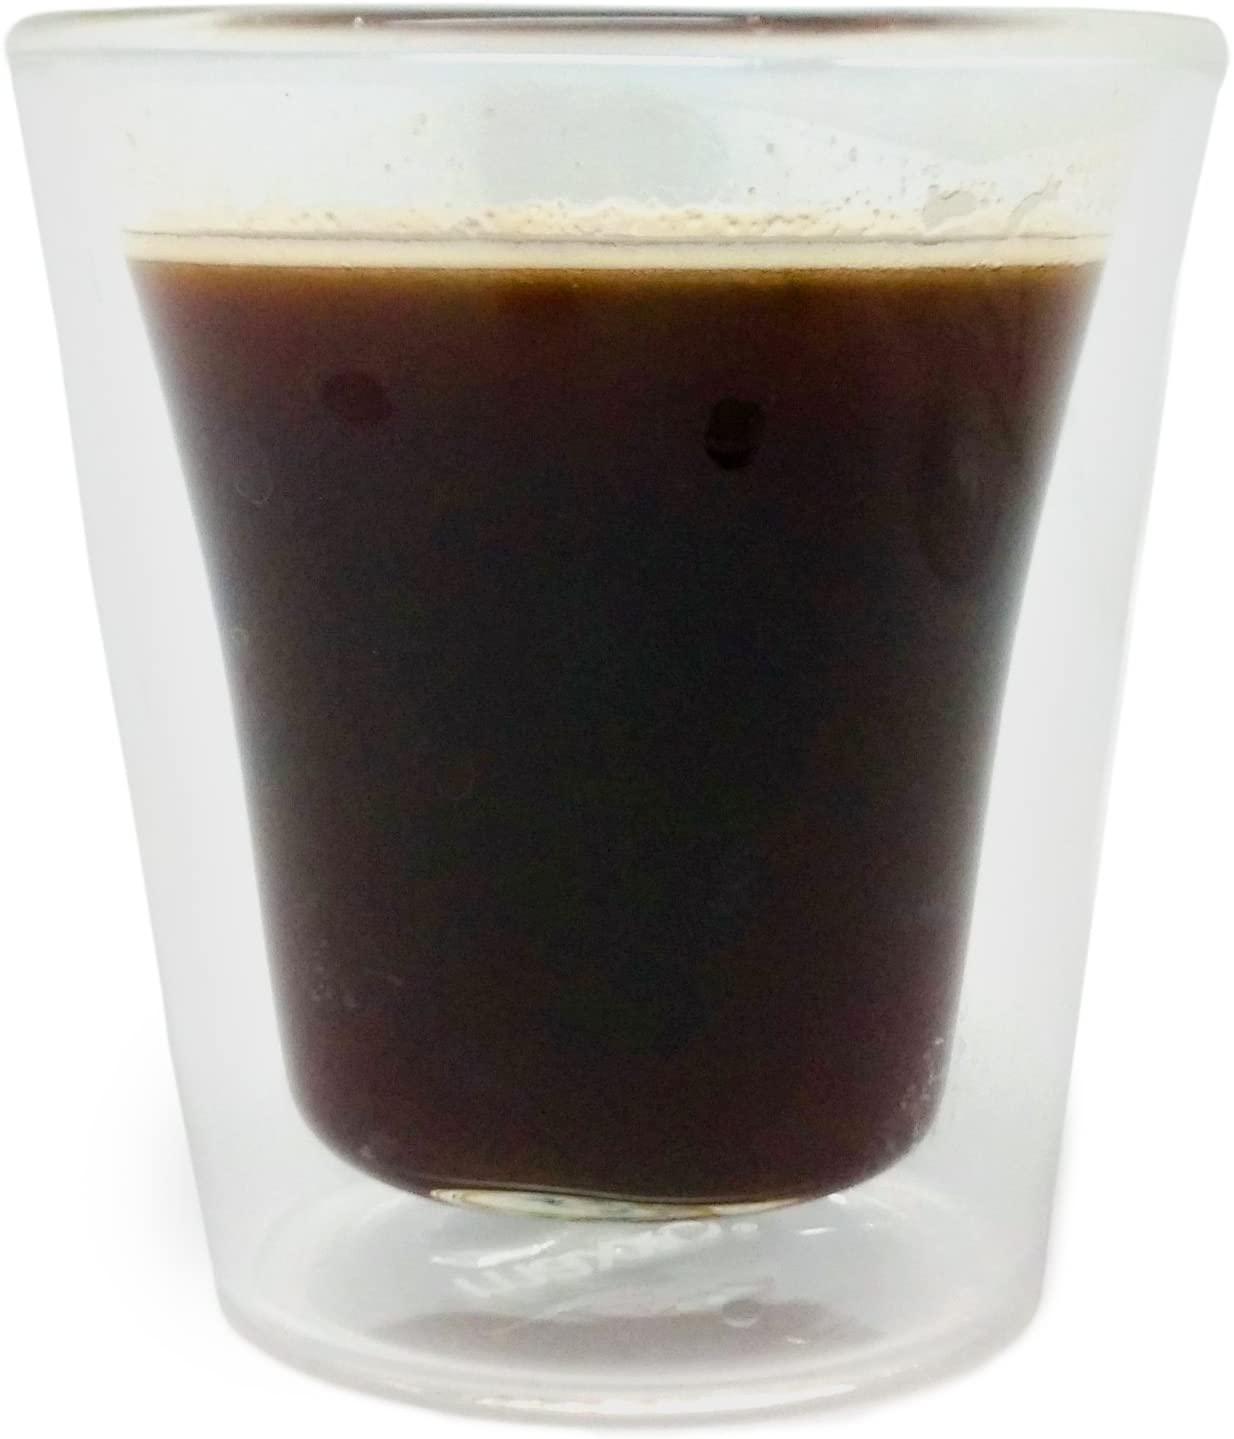 Набор стаканов с двойными стенками Nerthus  DOUBLE WALL CUPSET , 2 шт, объем 0,1 л, прозрачный Nerthus FIH 290 фото 4